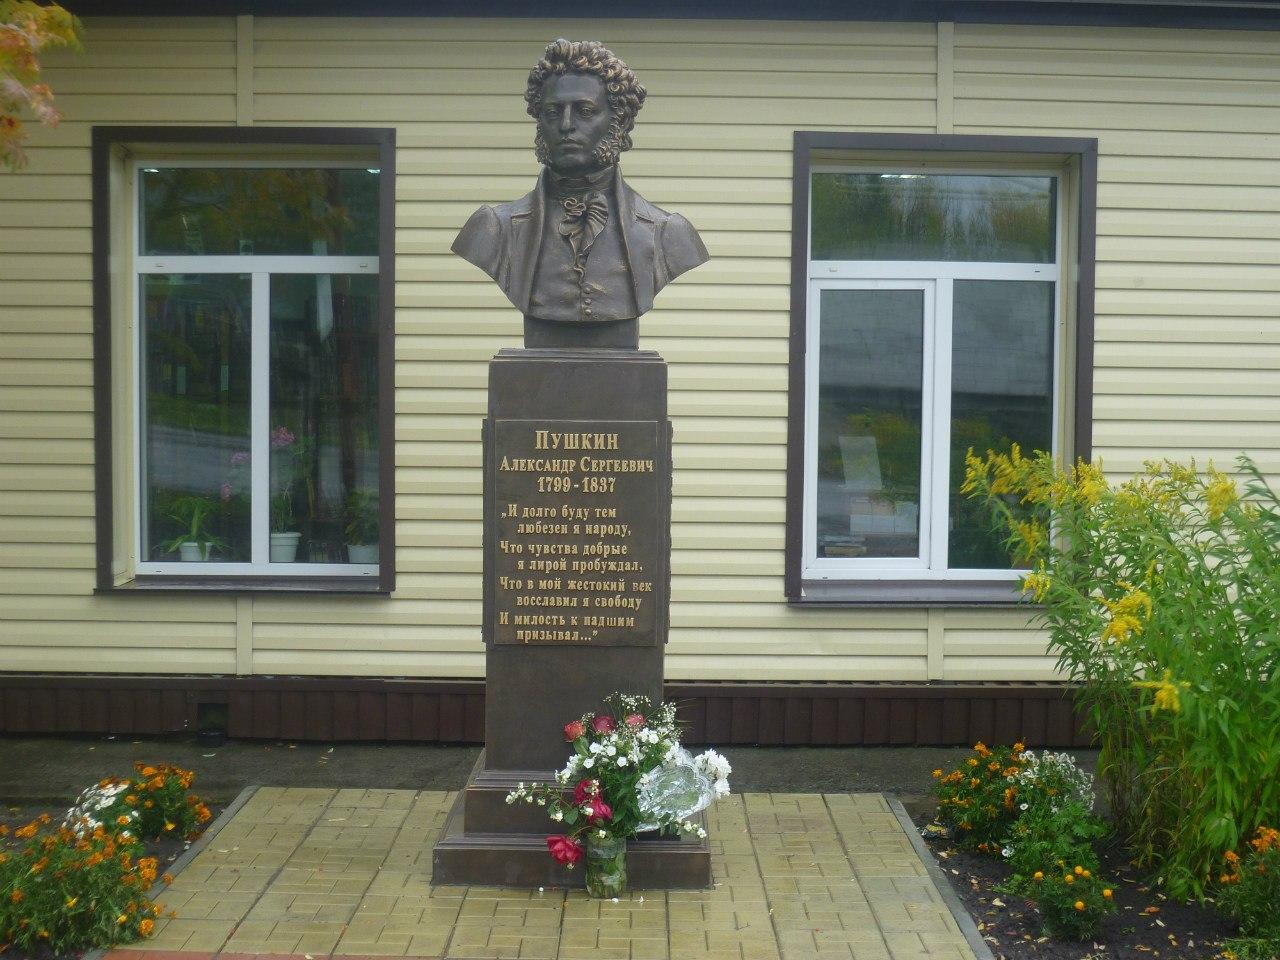 Памятник Пушкину около Мошковской библиотеки